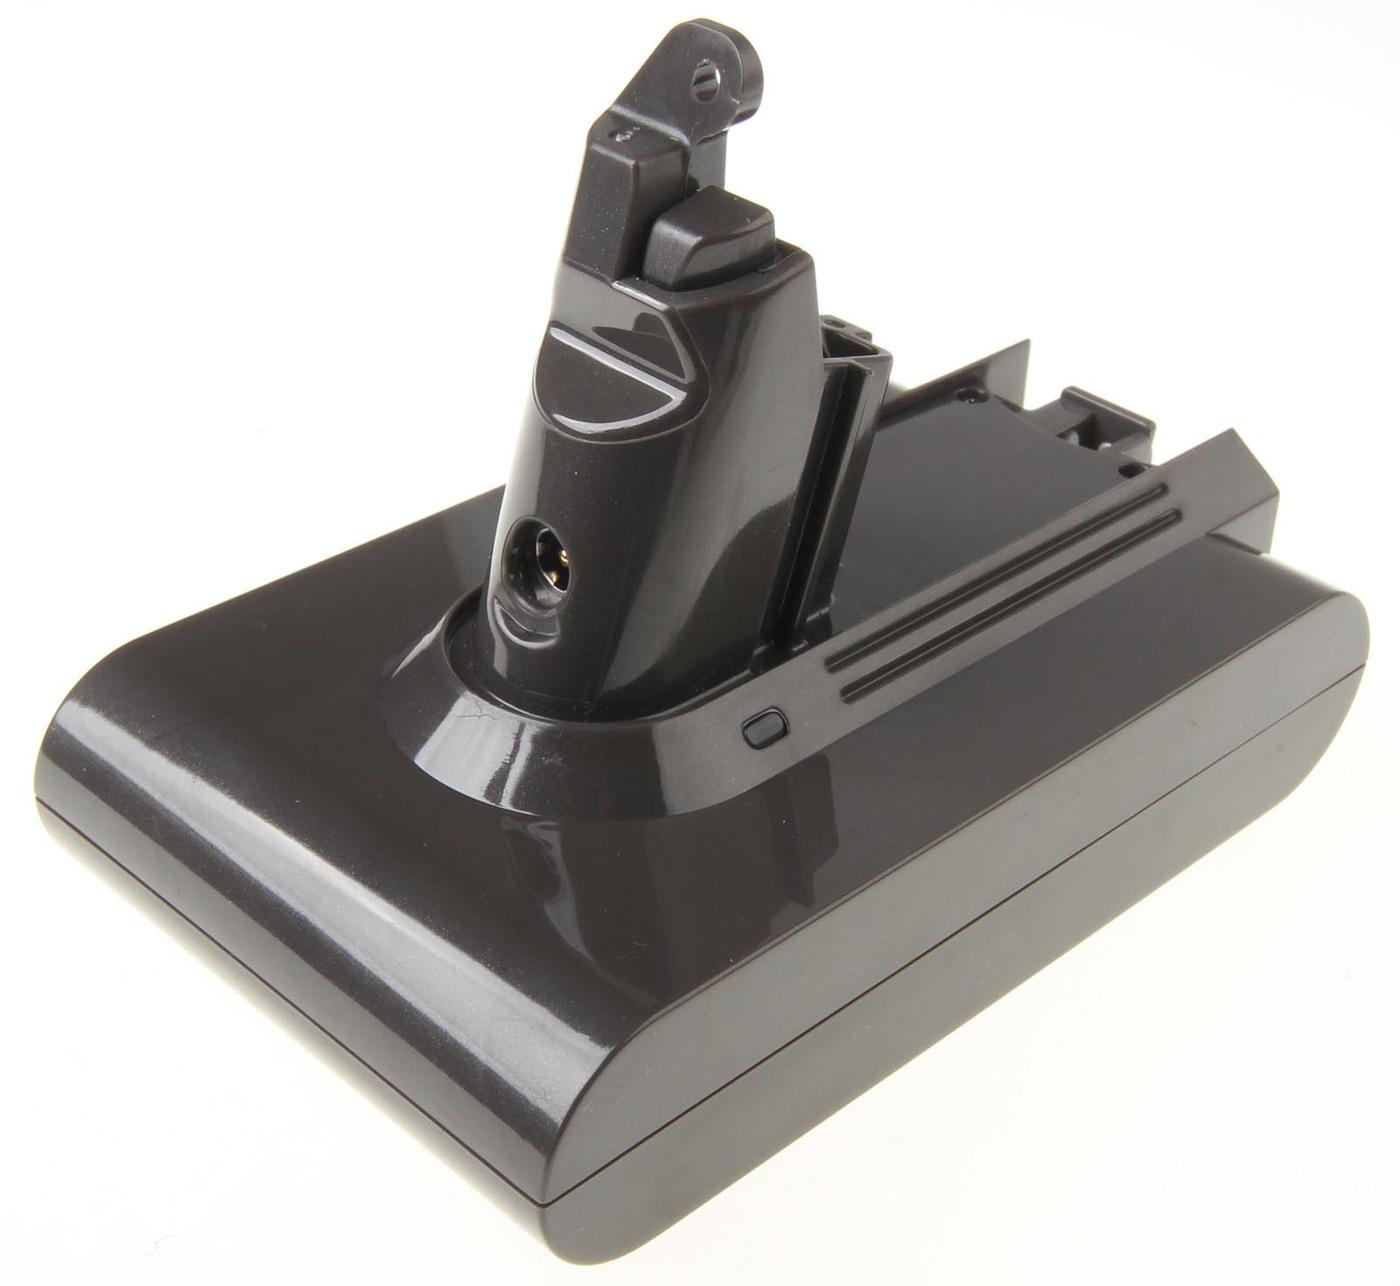 Аккумулятор для пылесоса dyson dc62 animal pro купить в dyson cyclone v10 absolute купить на ebay